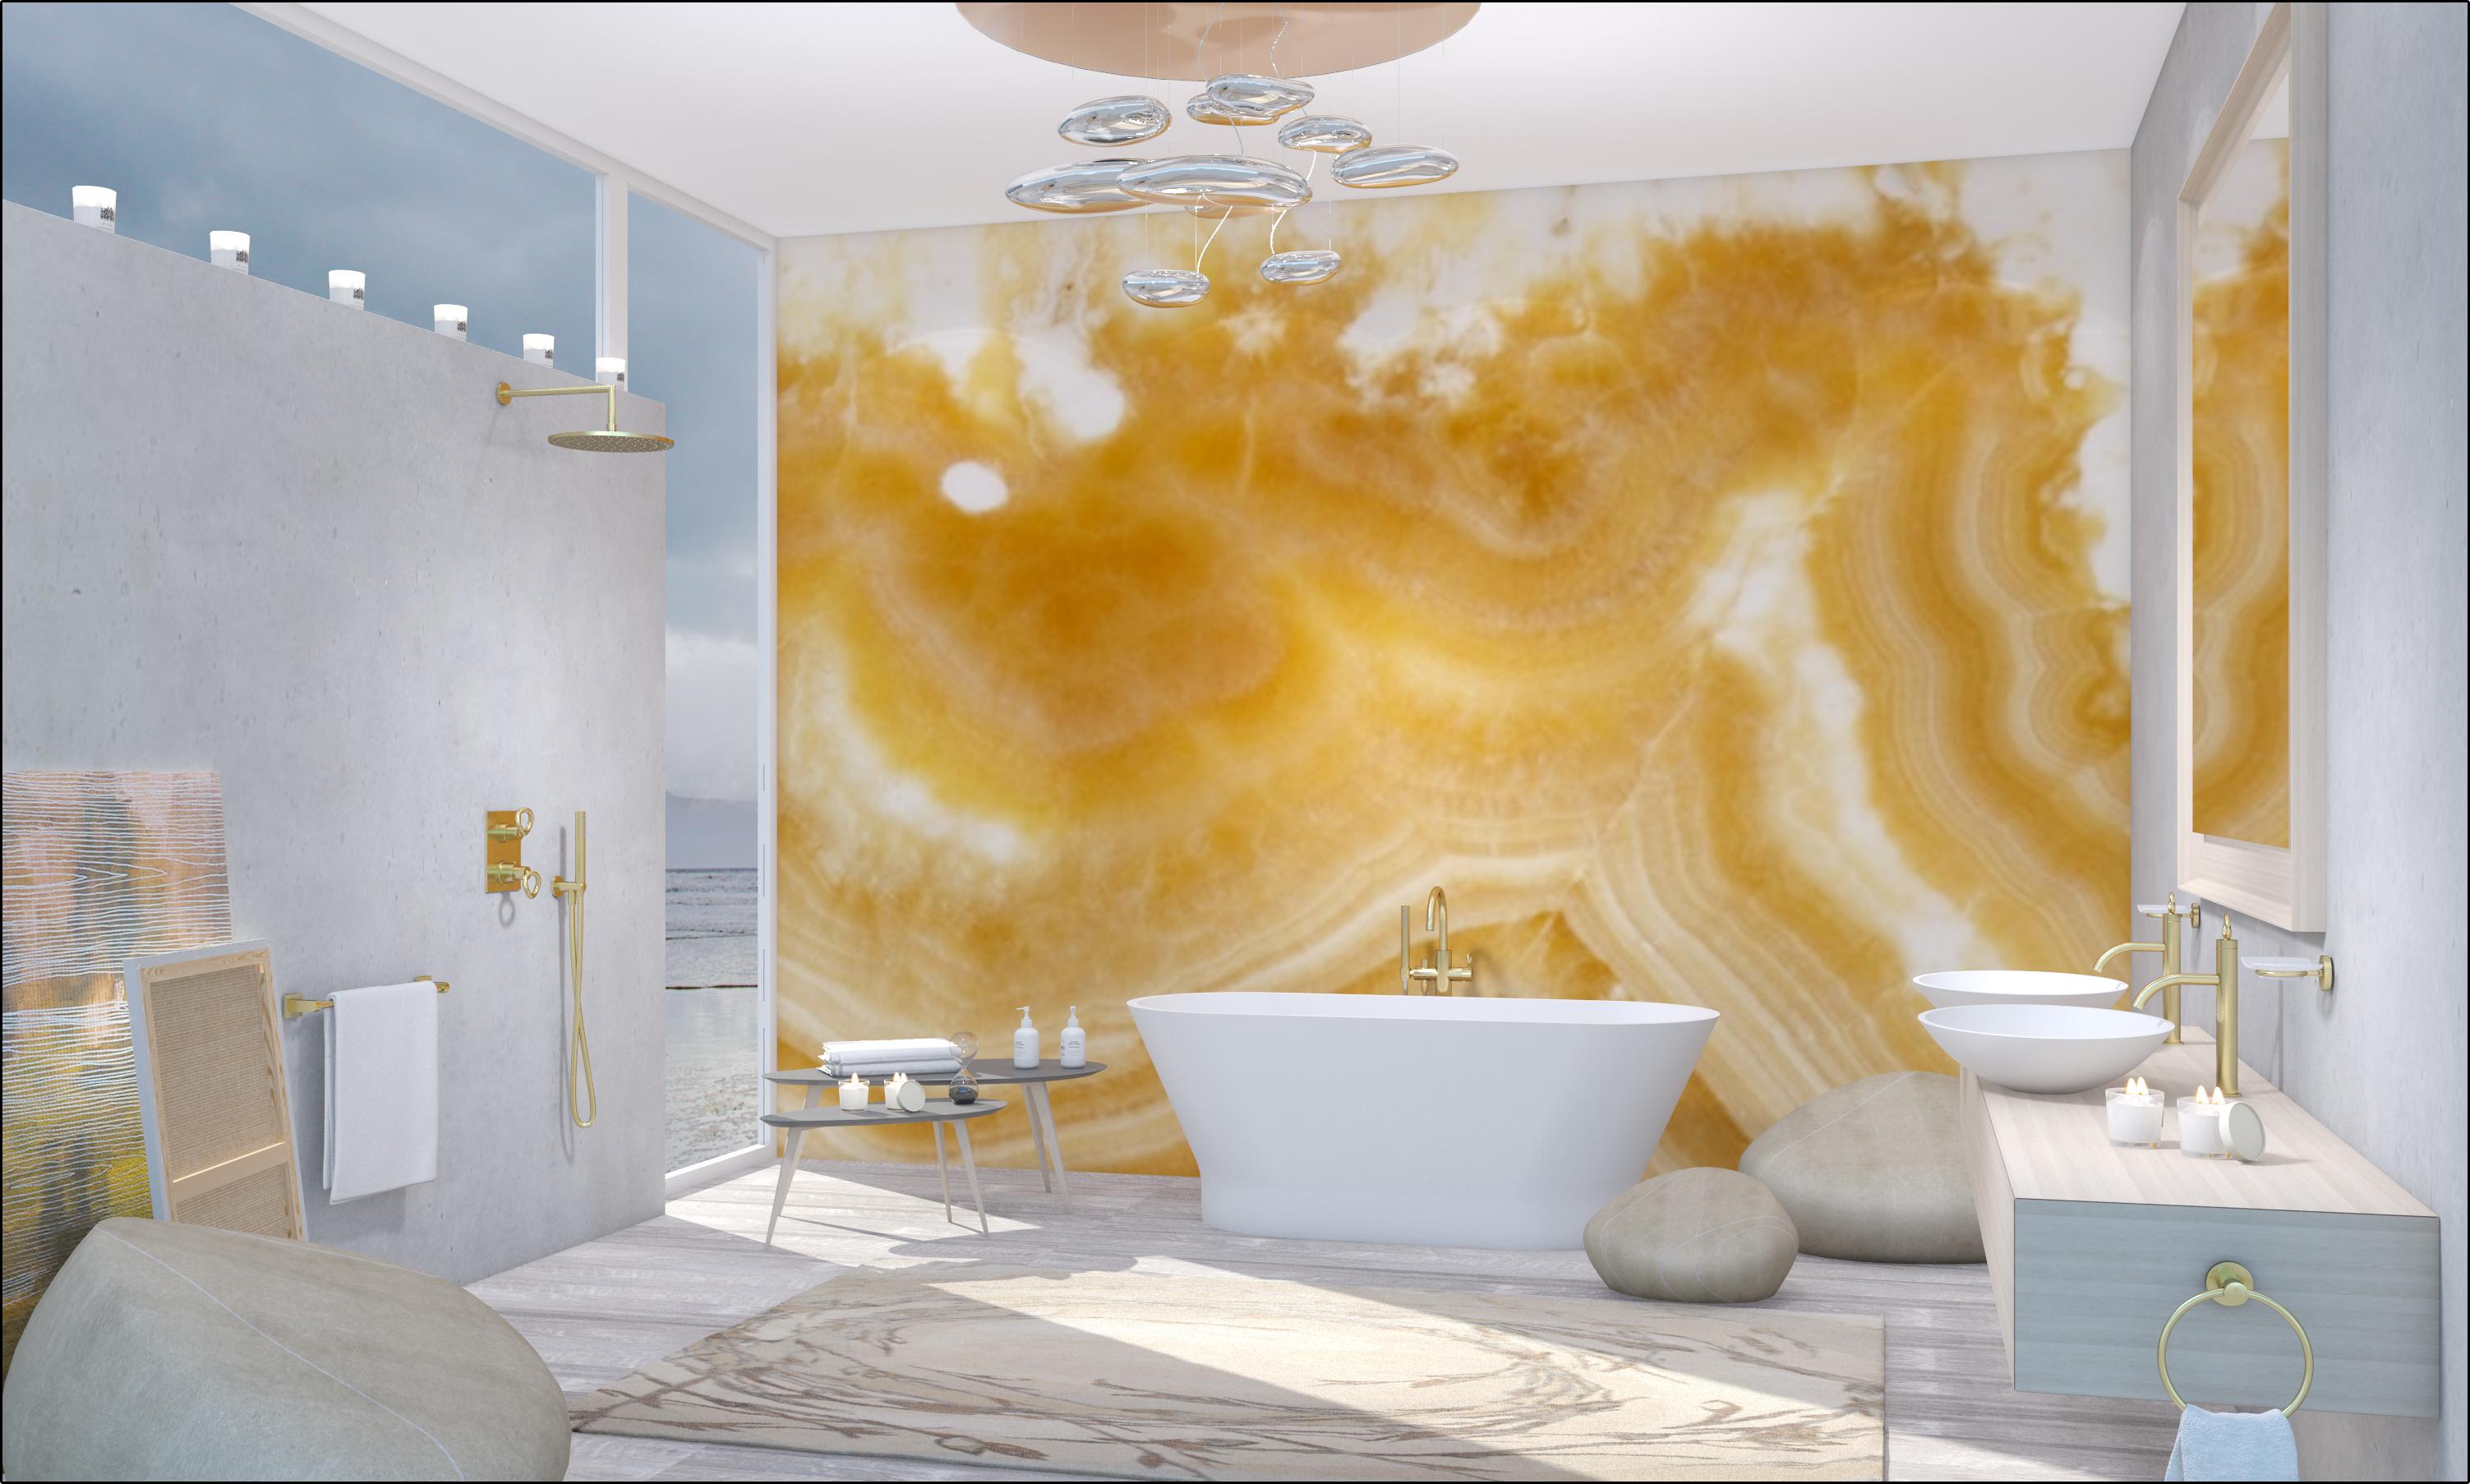 bedroom design marlow | Concept Design